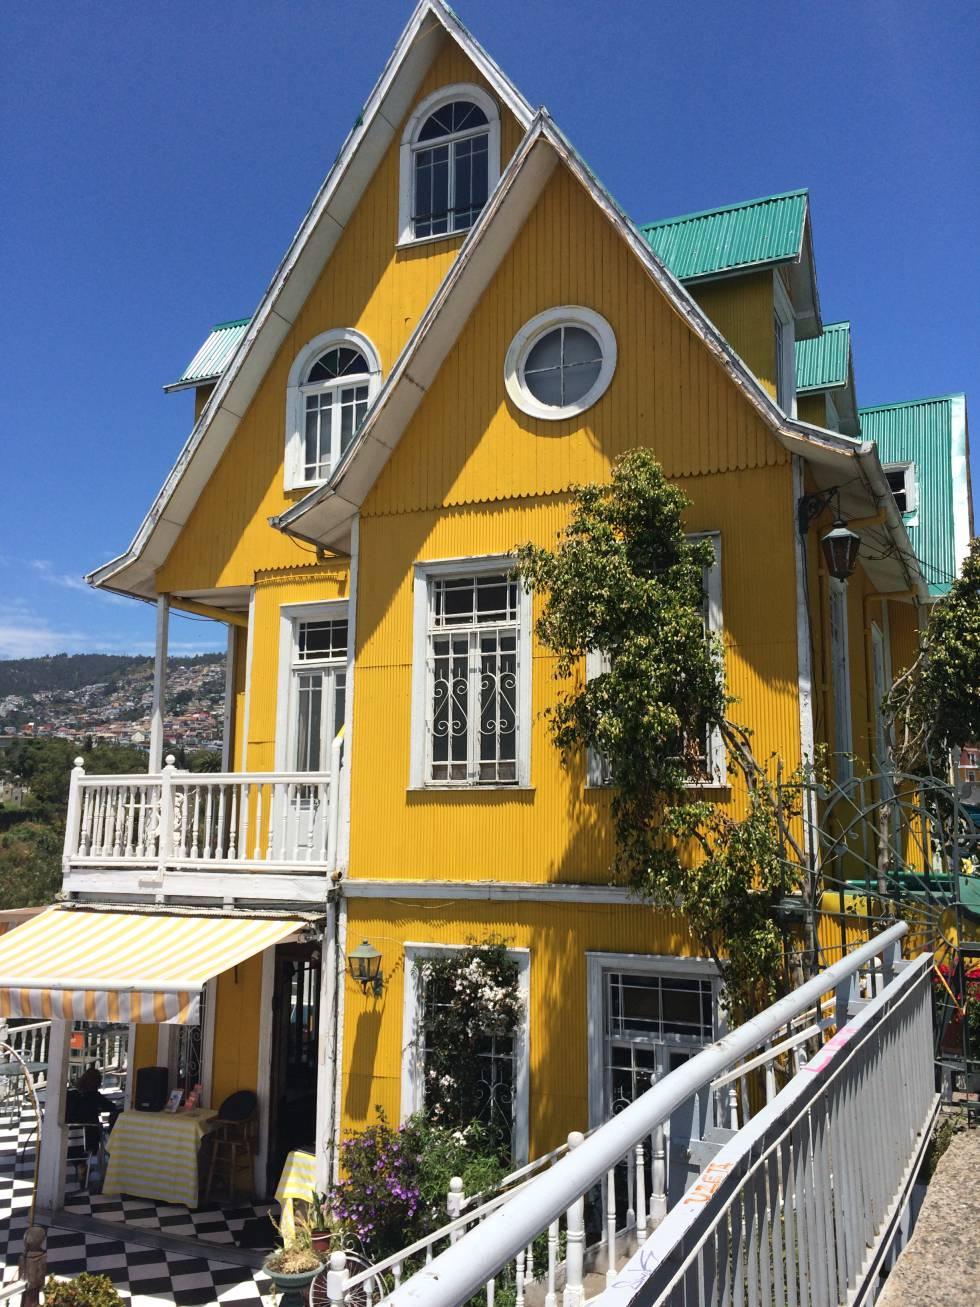 Una de las típicas y coloridas casas que salpican la pintoresca Valparaíso.